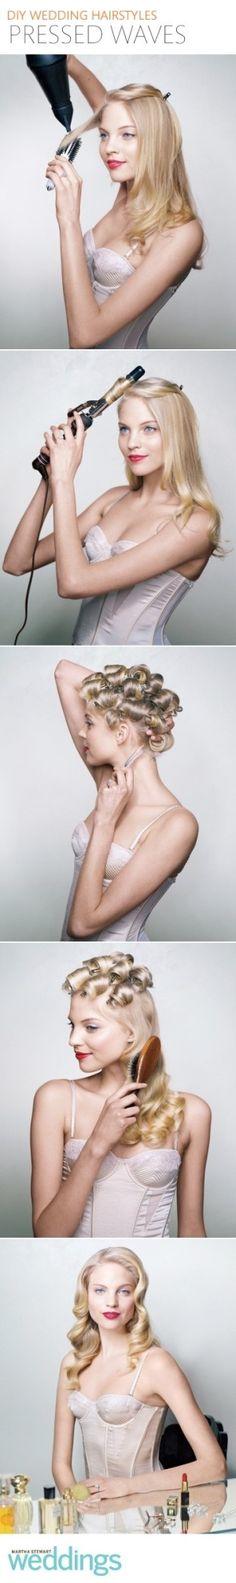 DIY Pressed Waves Wedding Hairstyle DIY Pressed Waves Wedding Hairstyle by diyforever